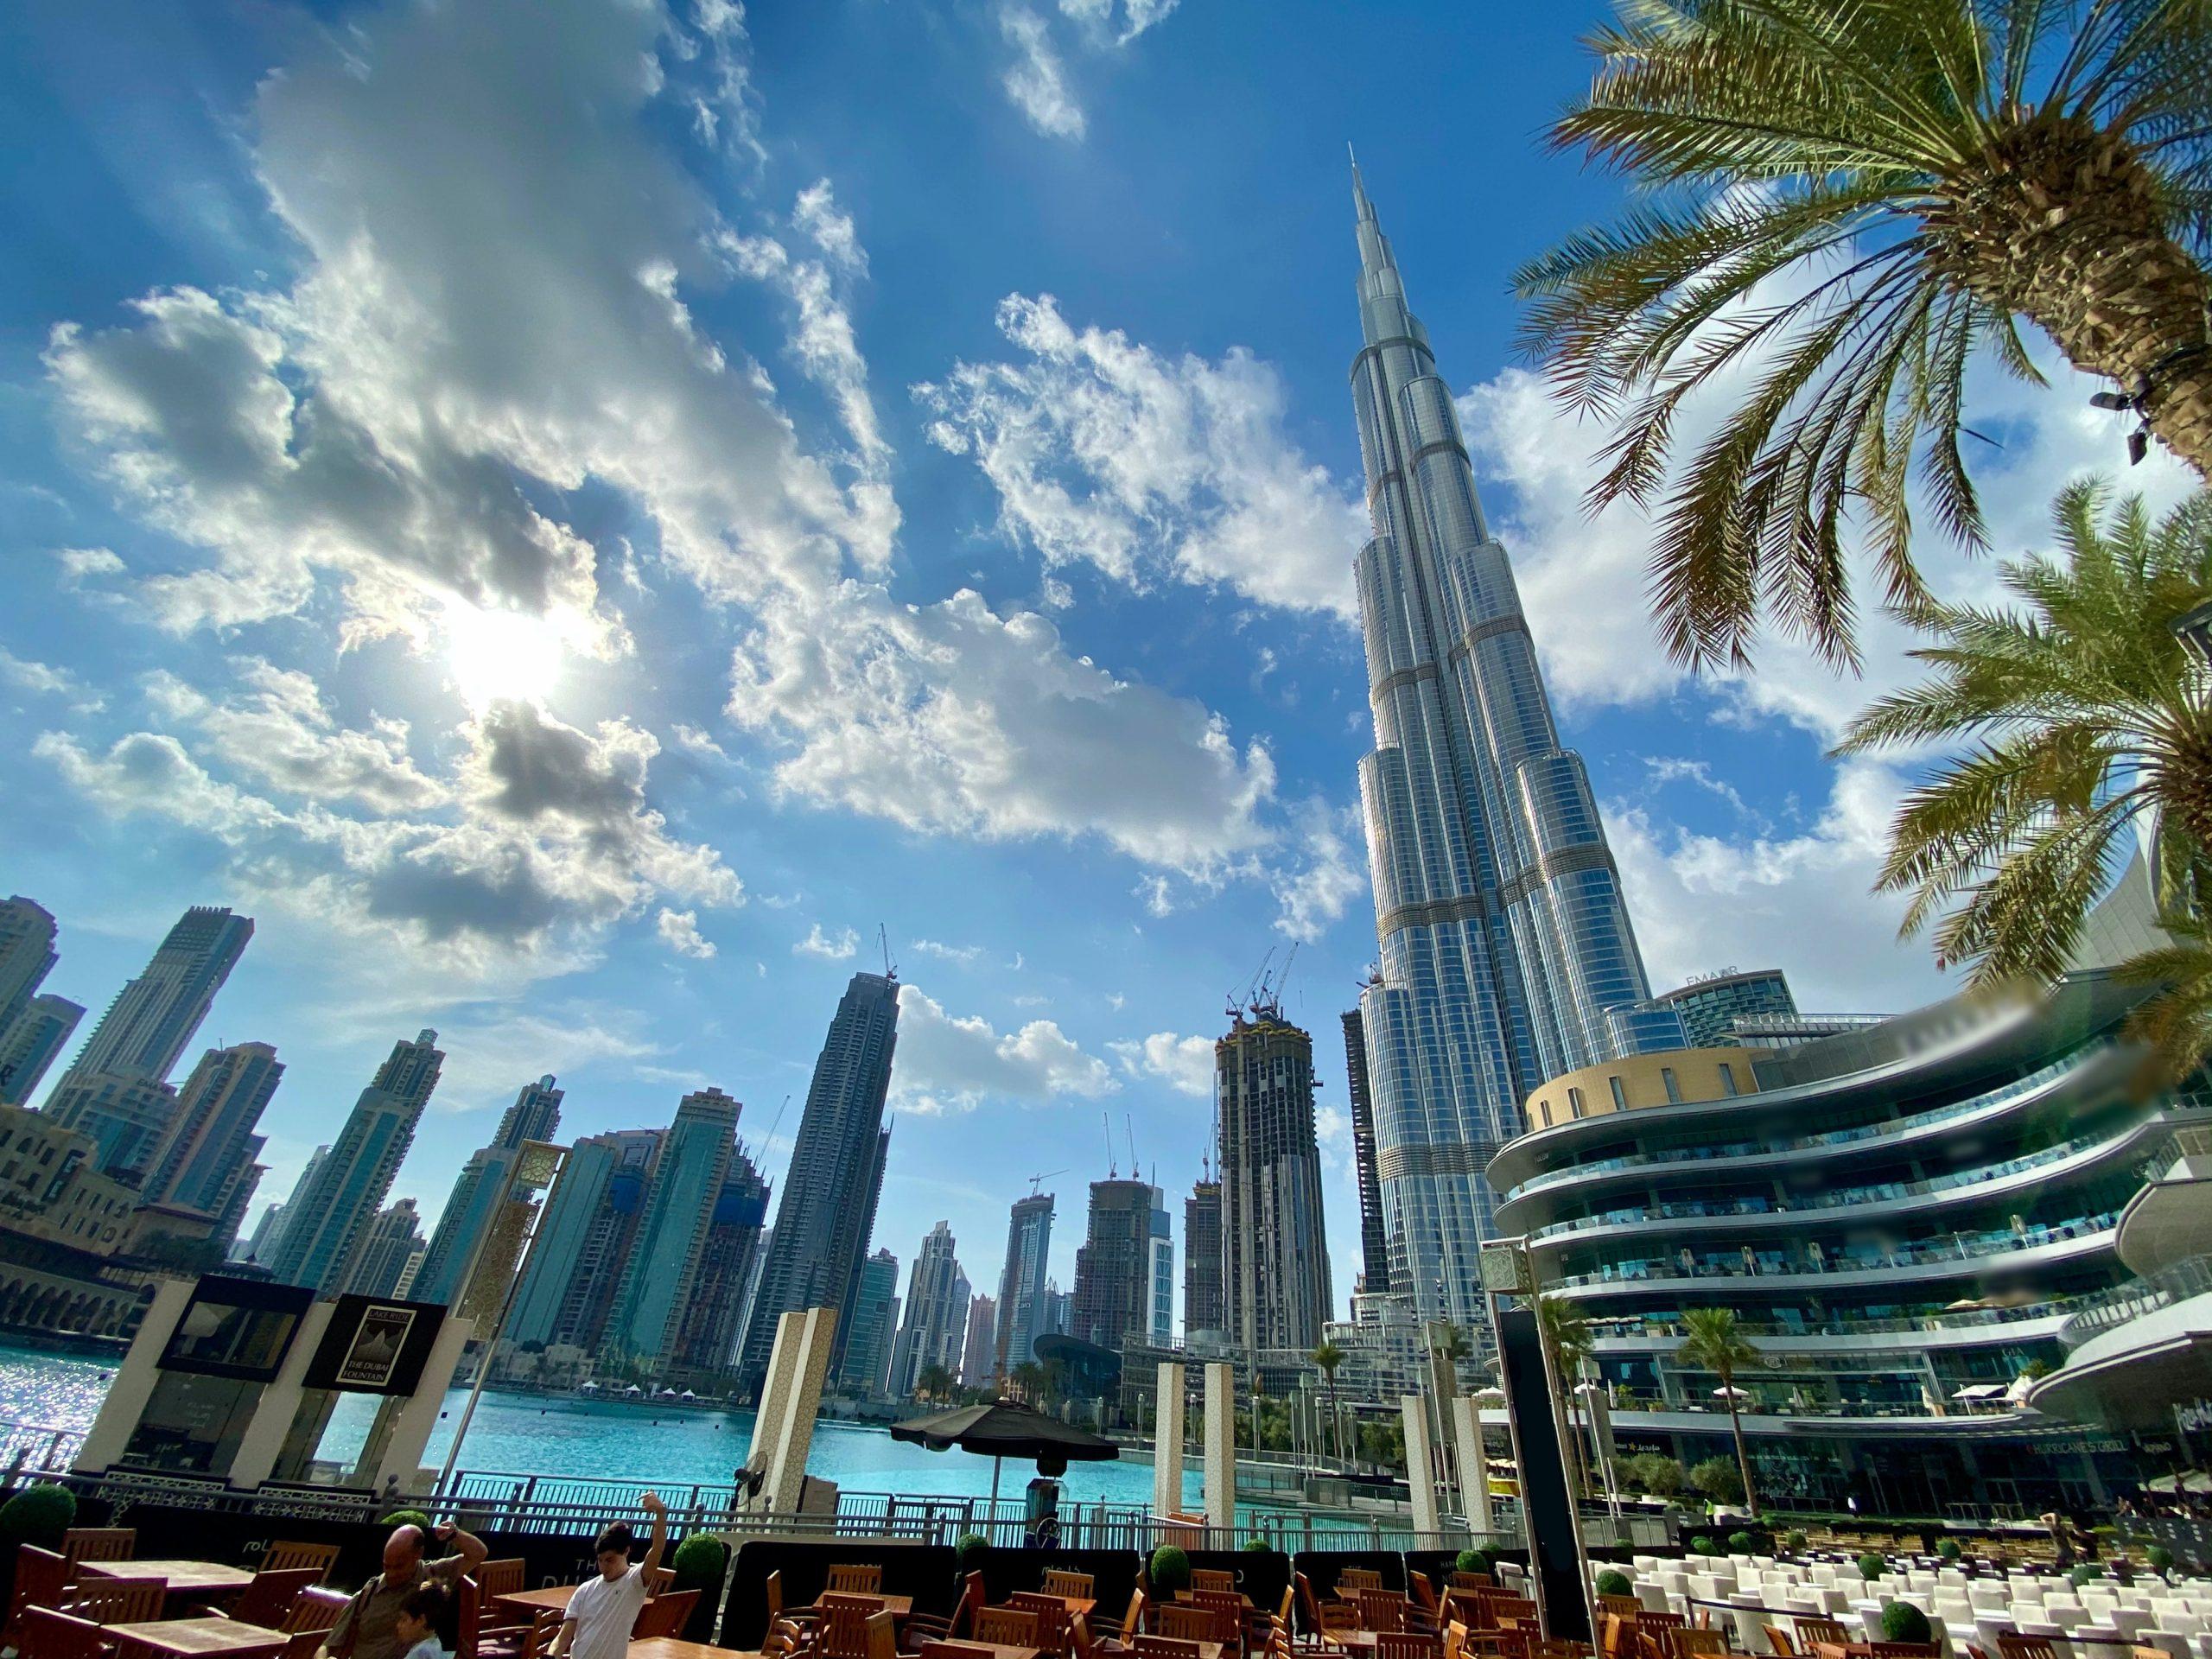 organising events in Dubai